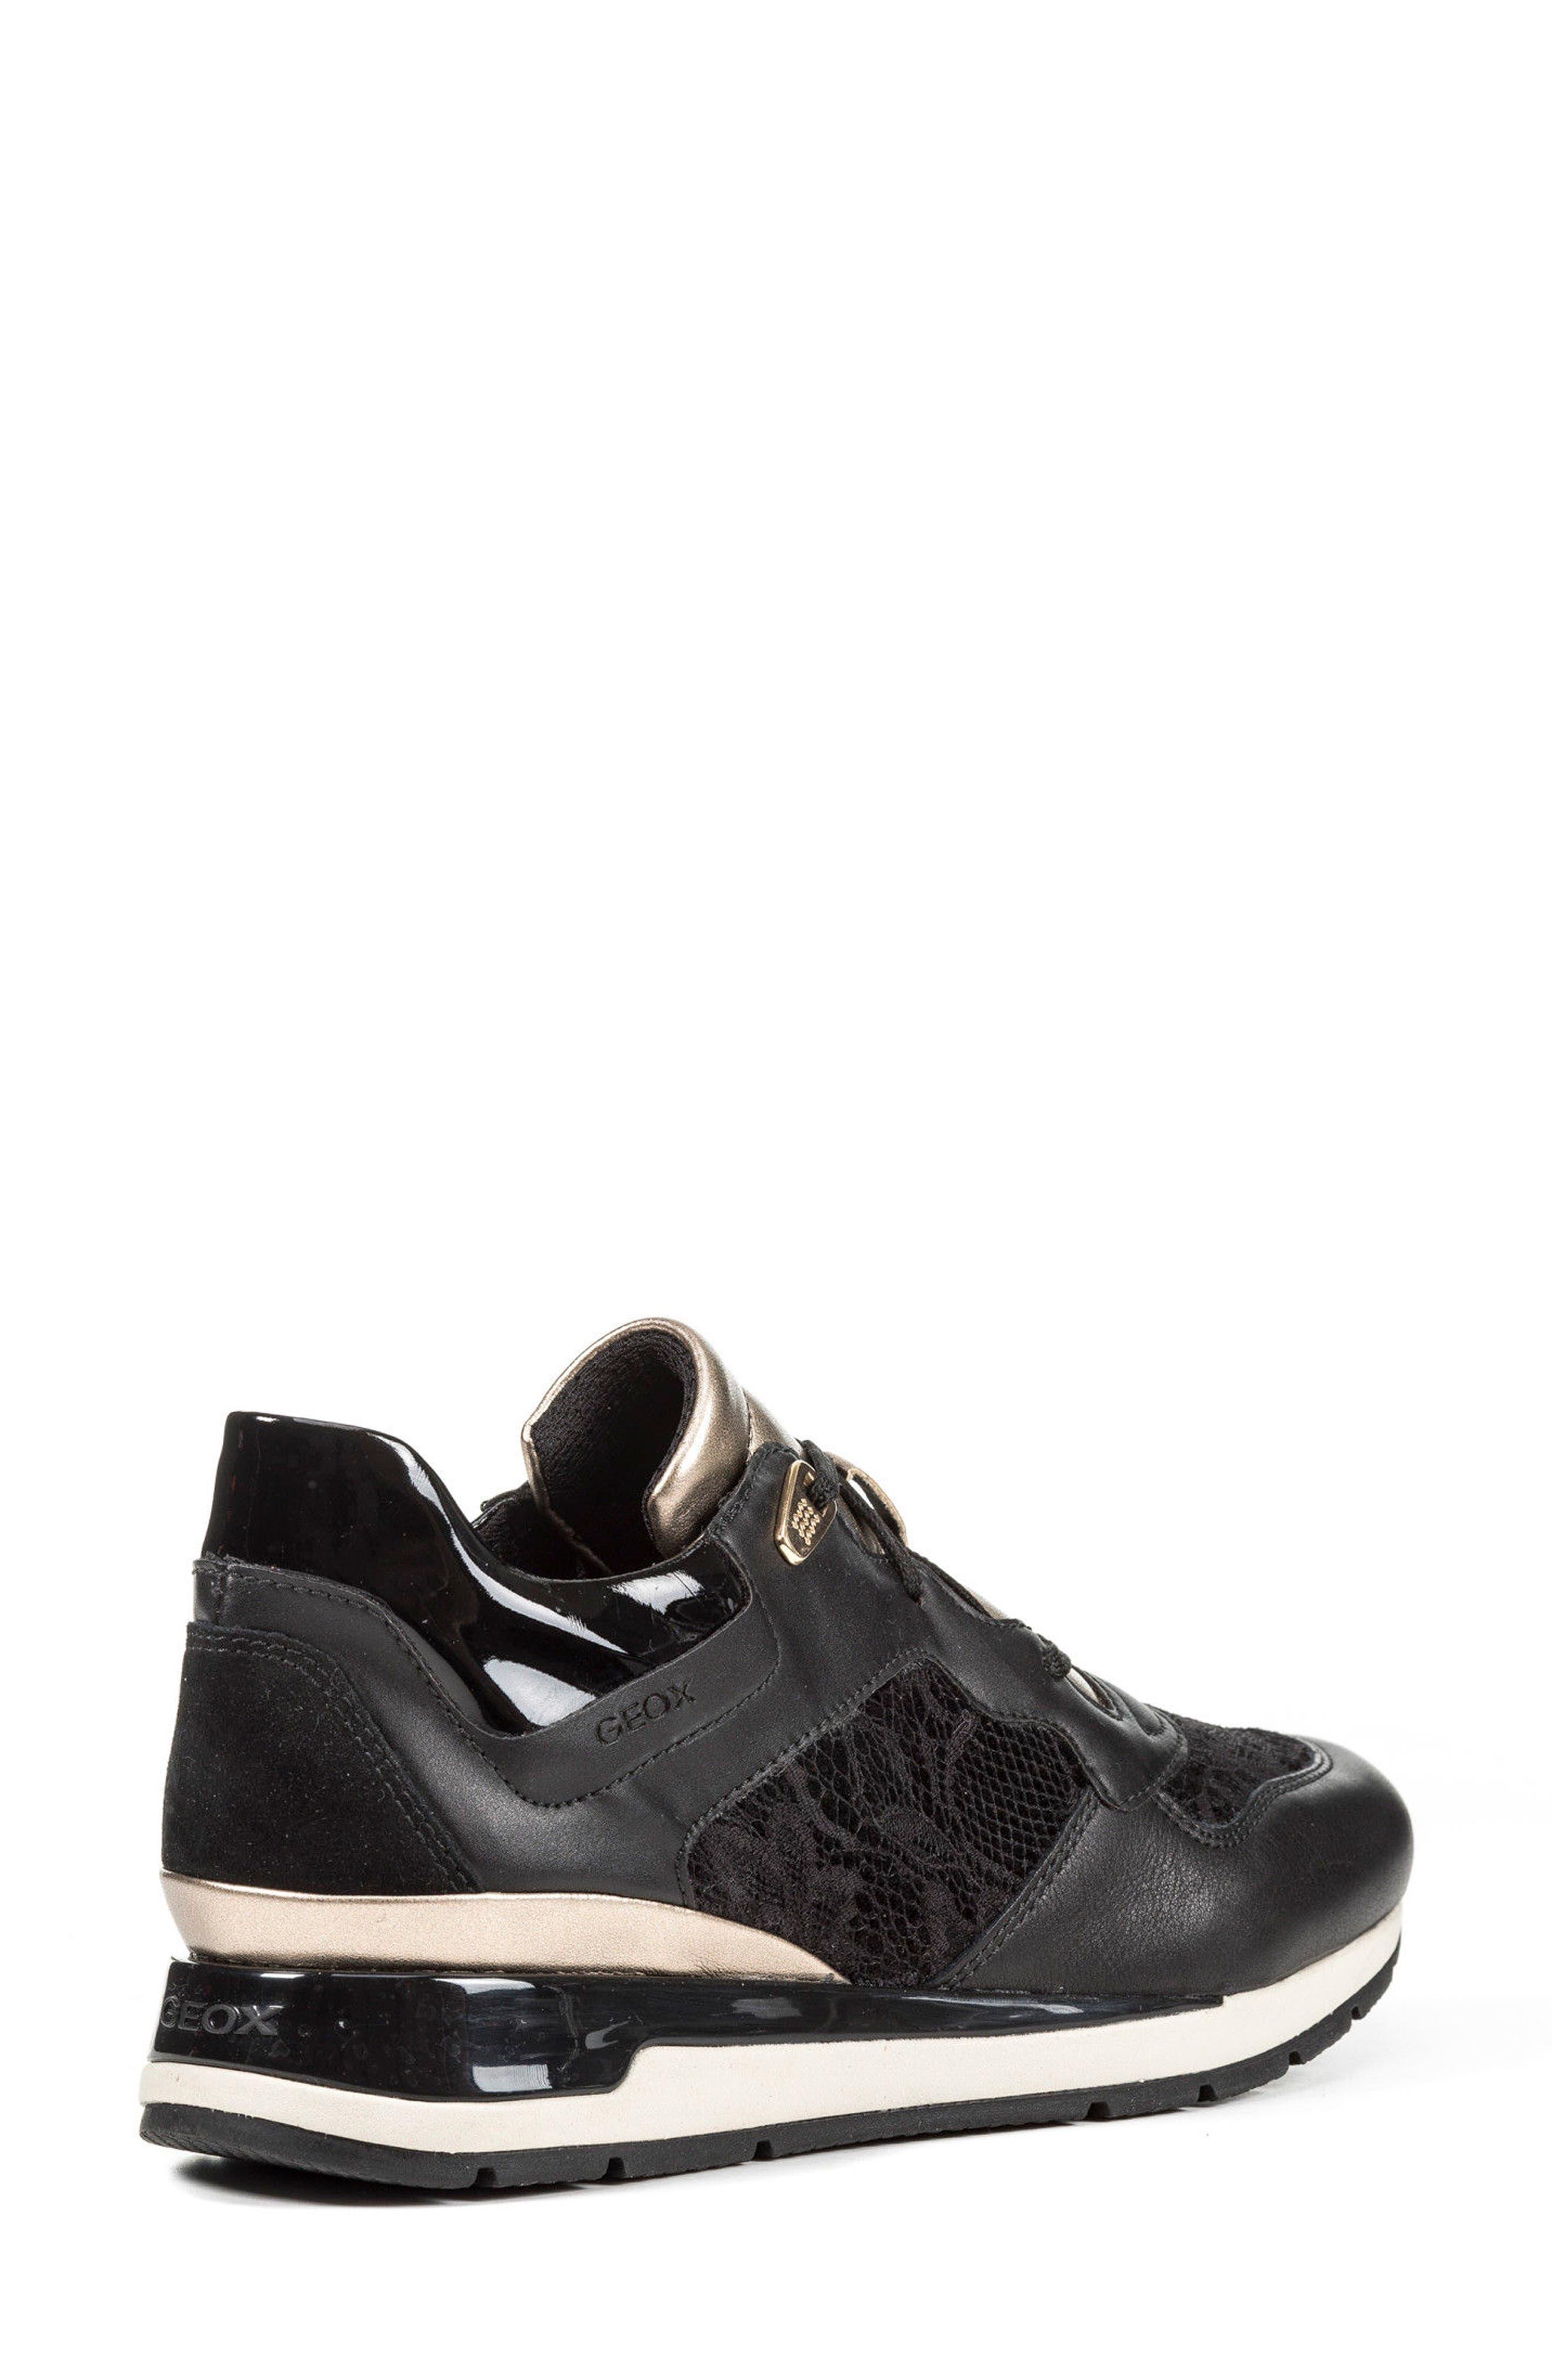 Alternate Image 3  - Geox Shahira Sneaker (Women)